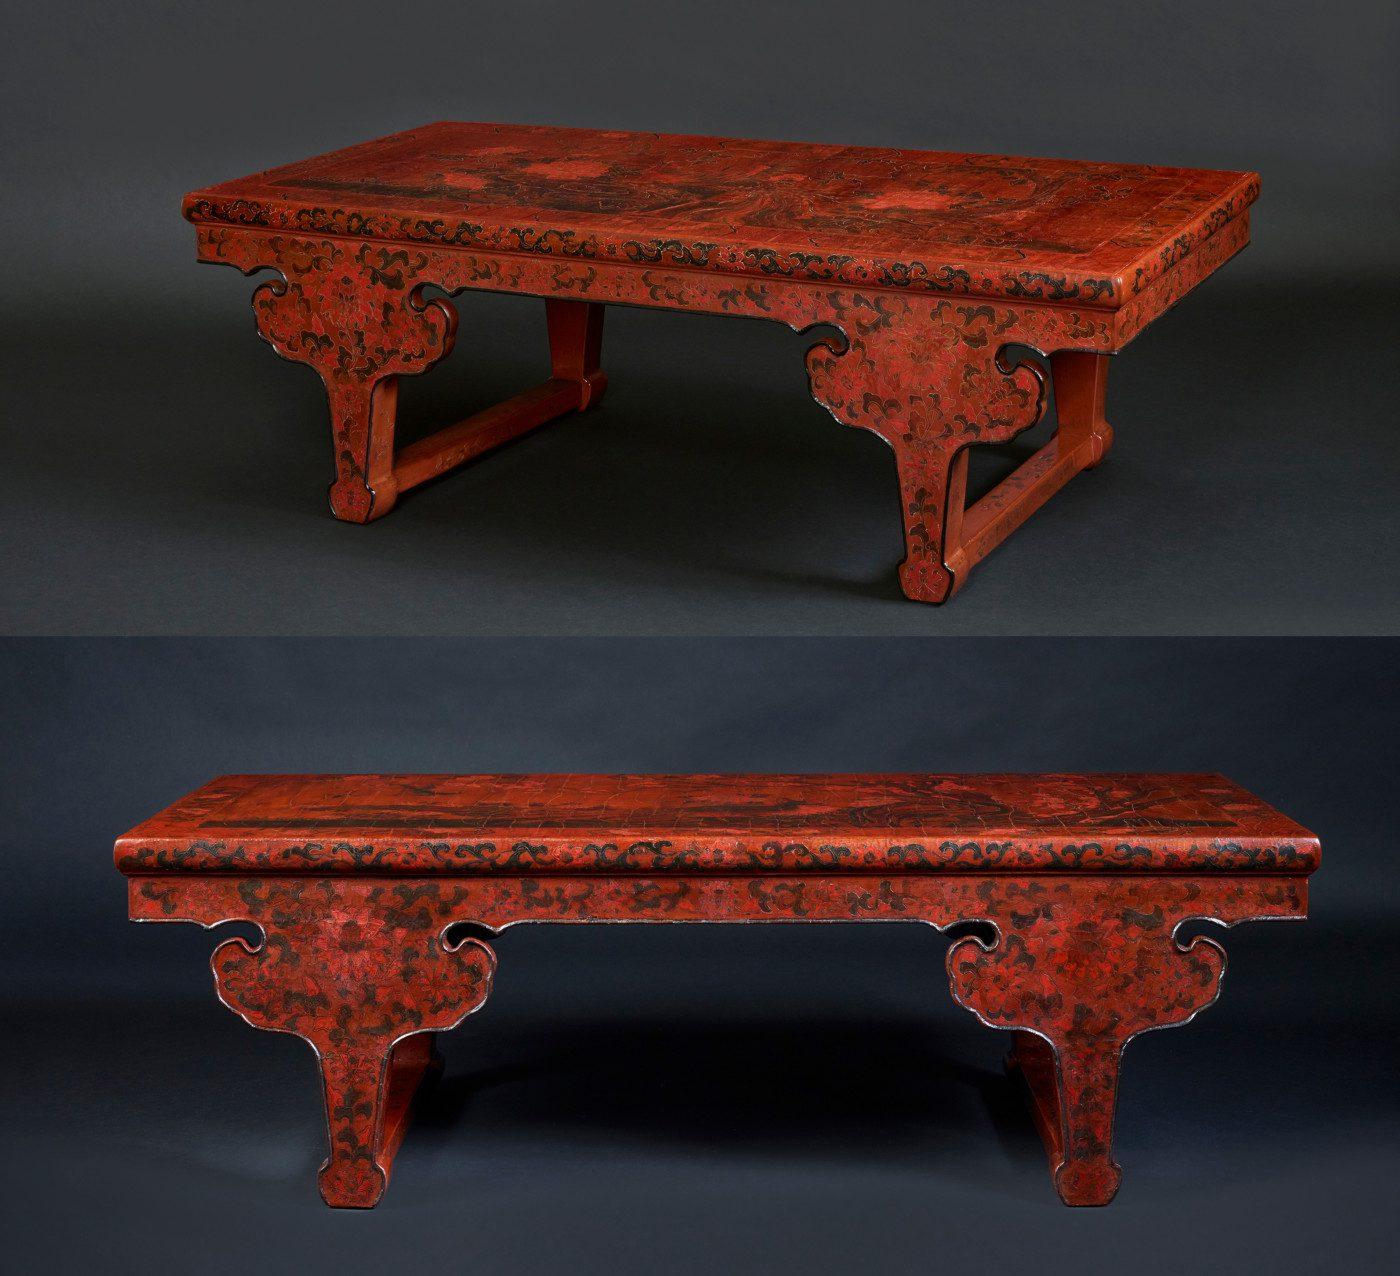 Paires de table de kang en laque gravée (32cm x 108cm x 59cm)